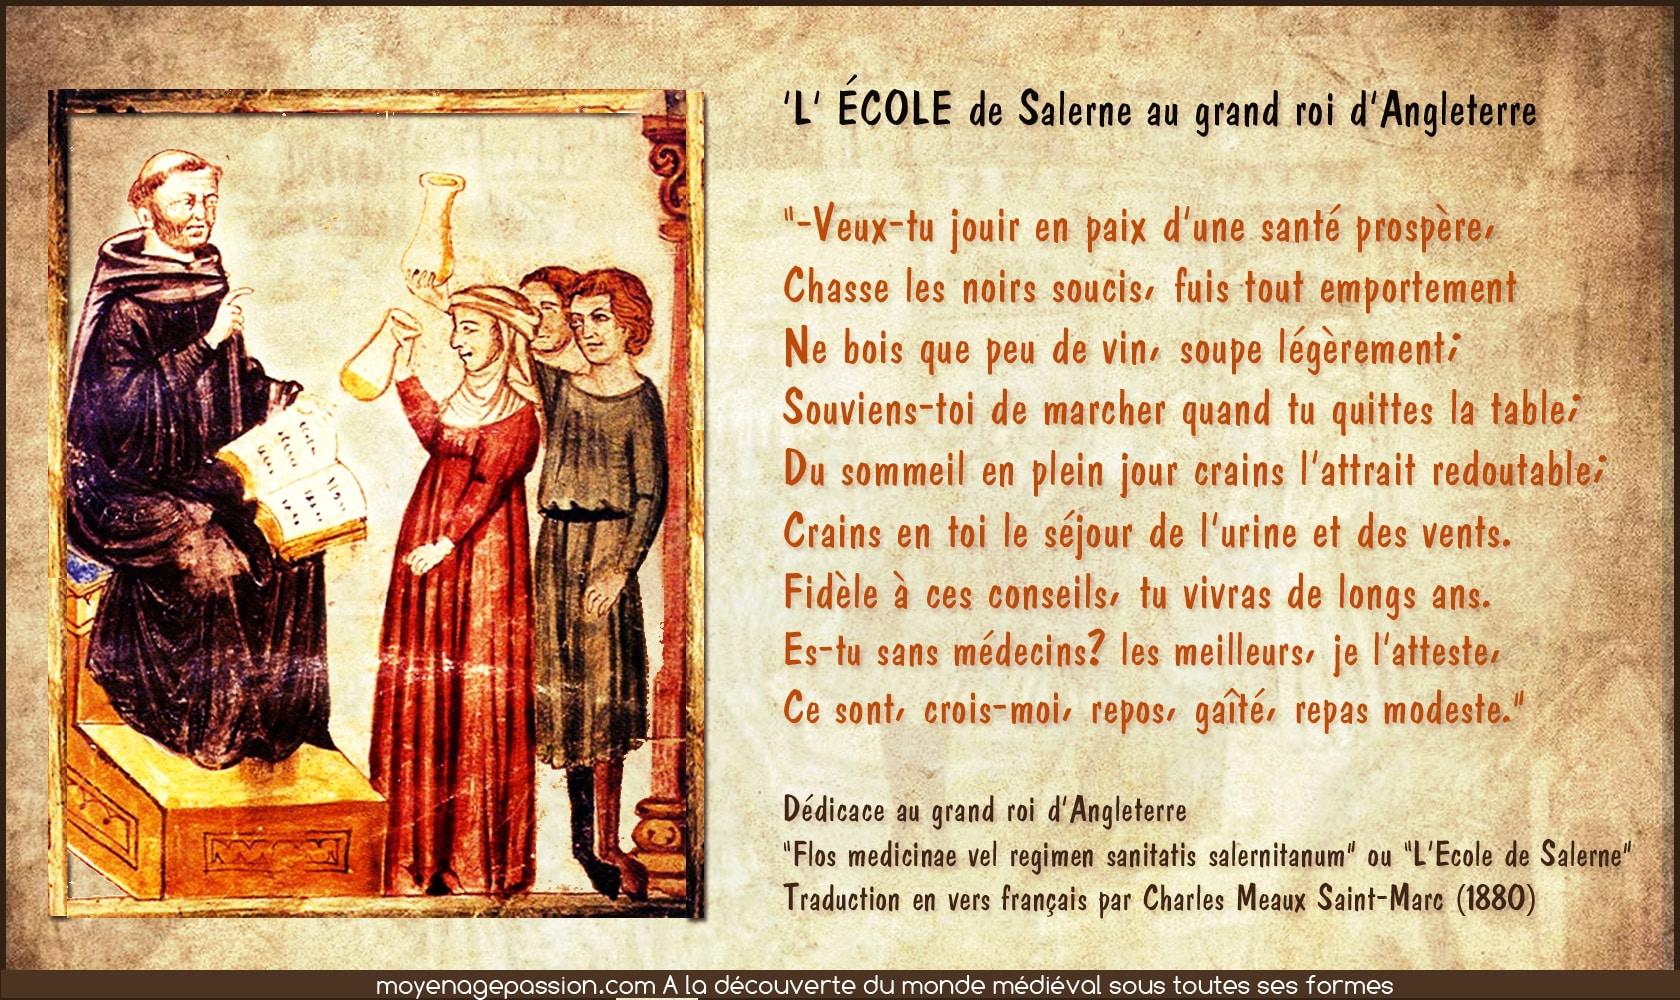 ecole_salerne_citations_medievales_science_medecine_moyen-age